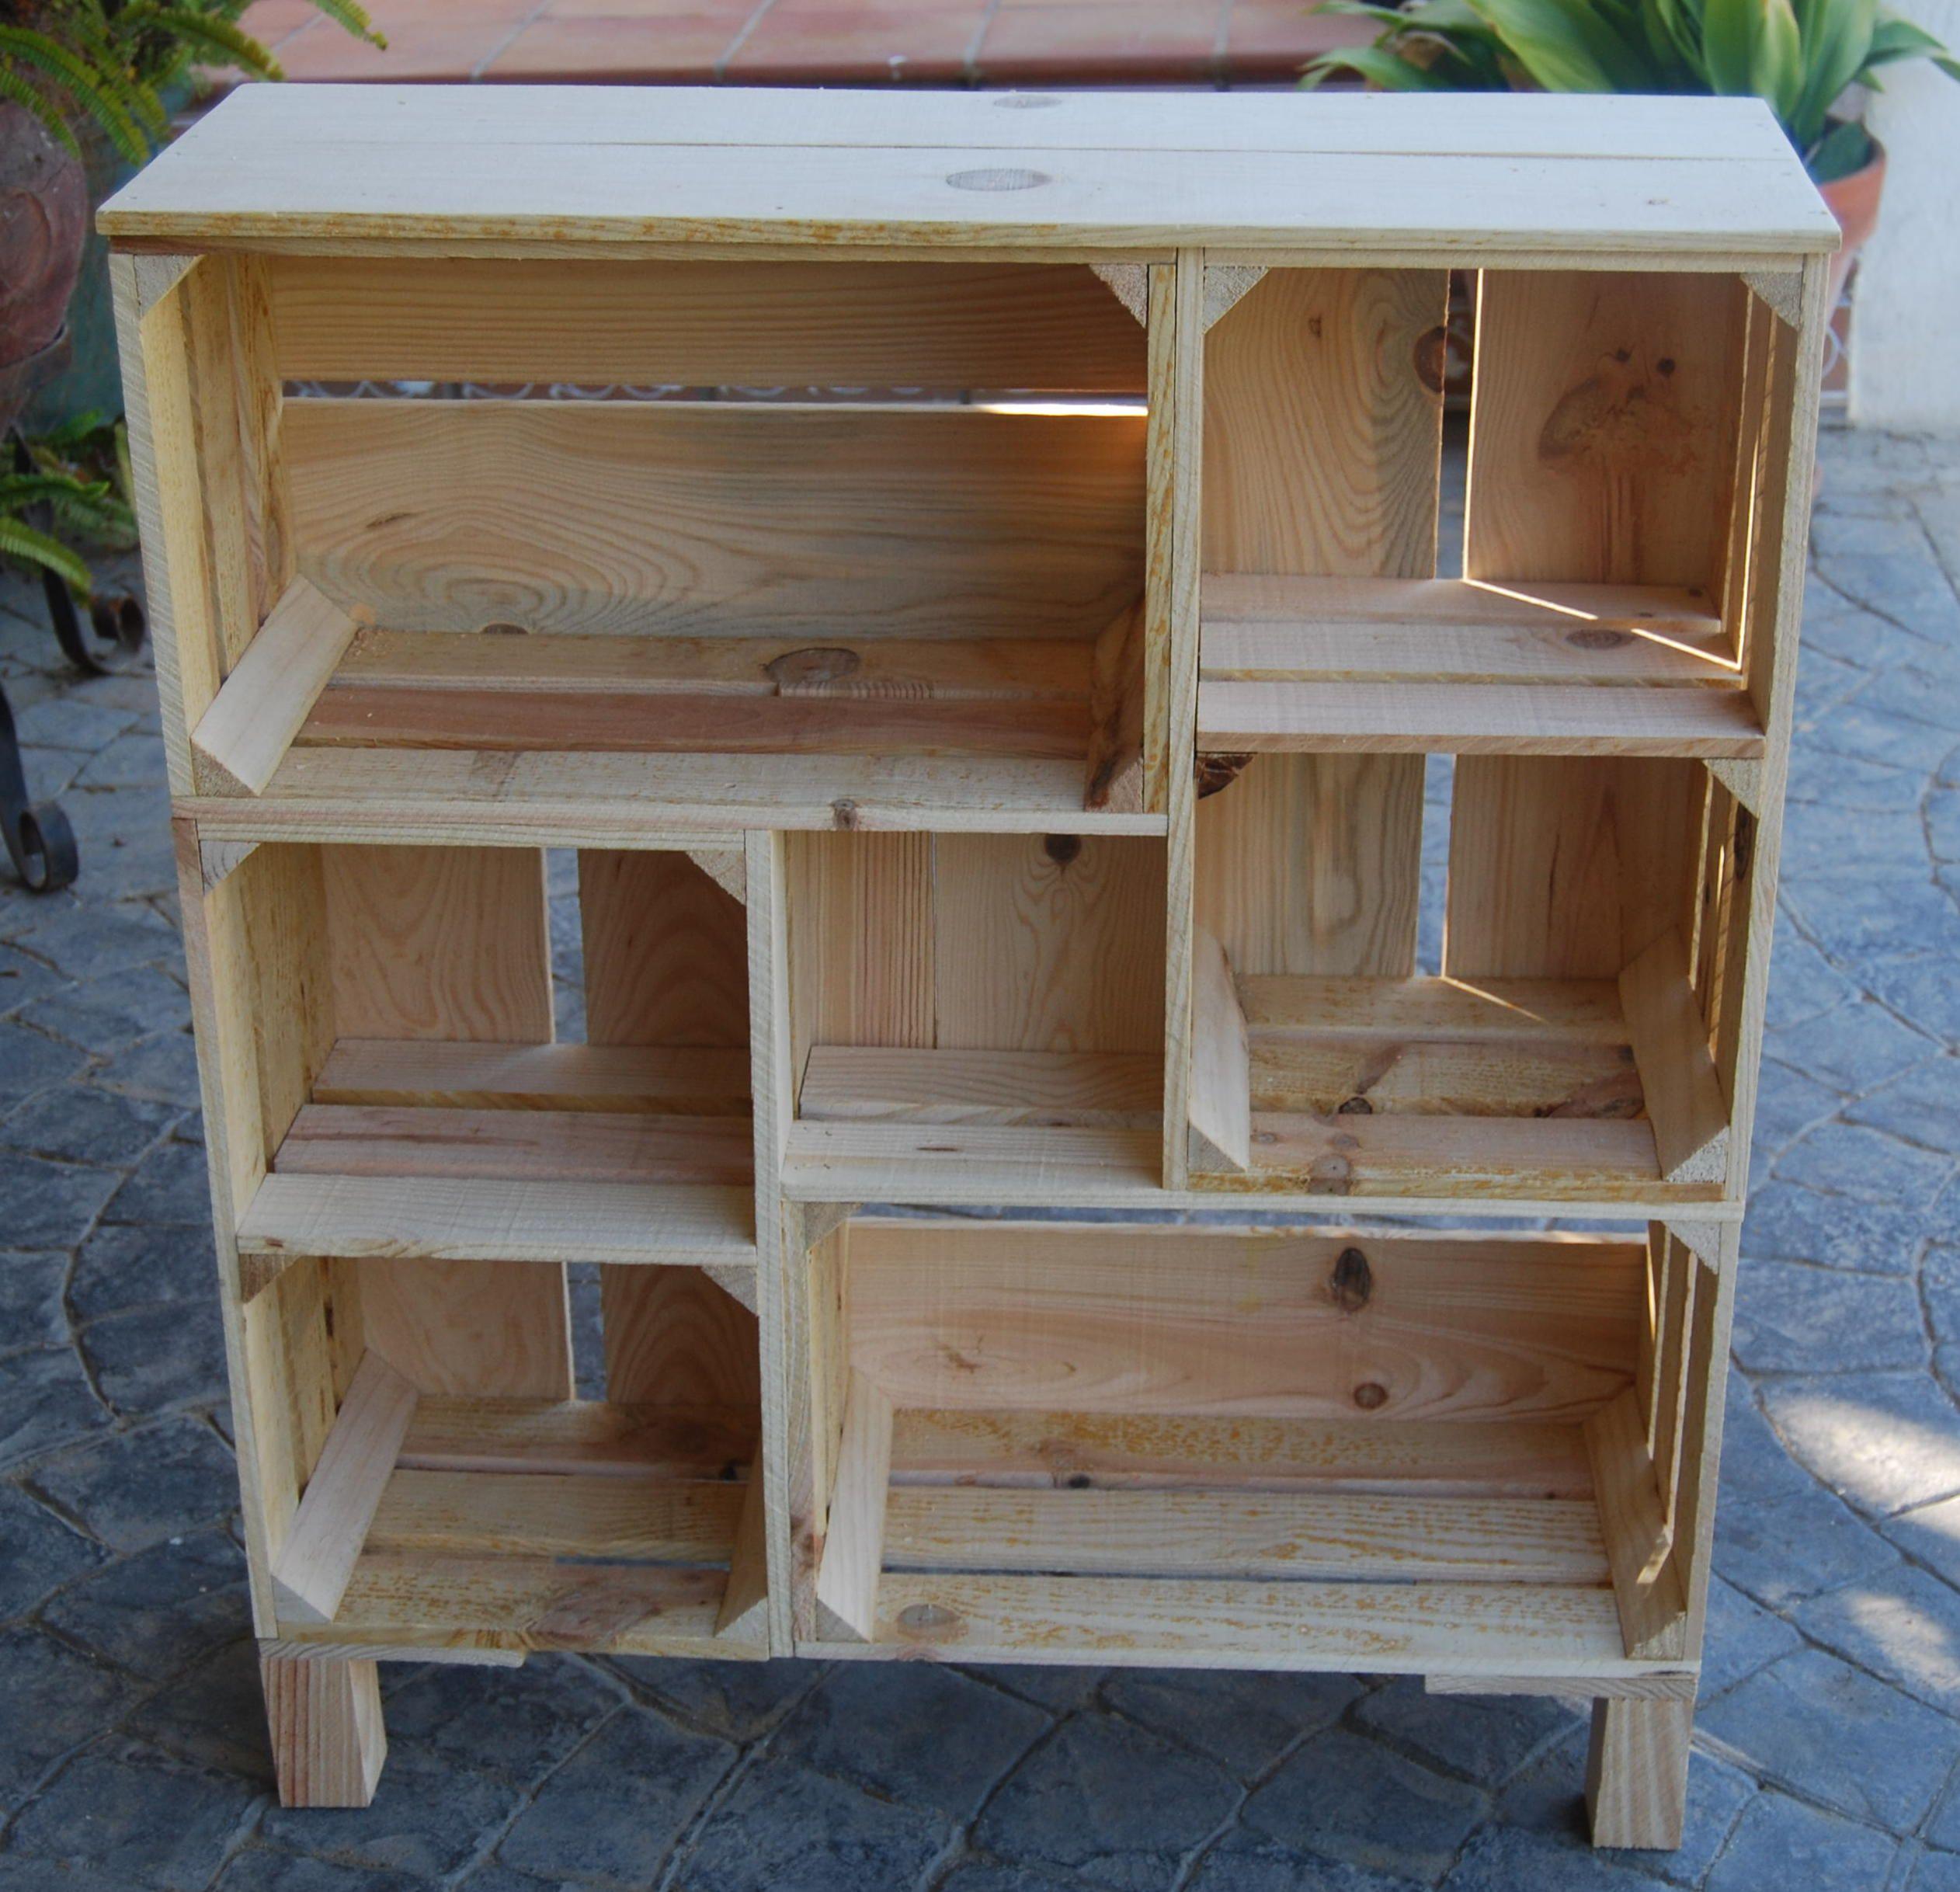 estanteria #madera #wood #mueble #rustico #cosas #cristal #artesanal ...